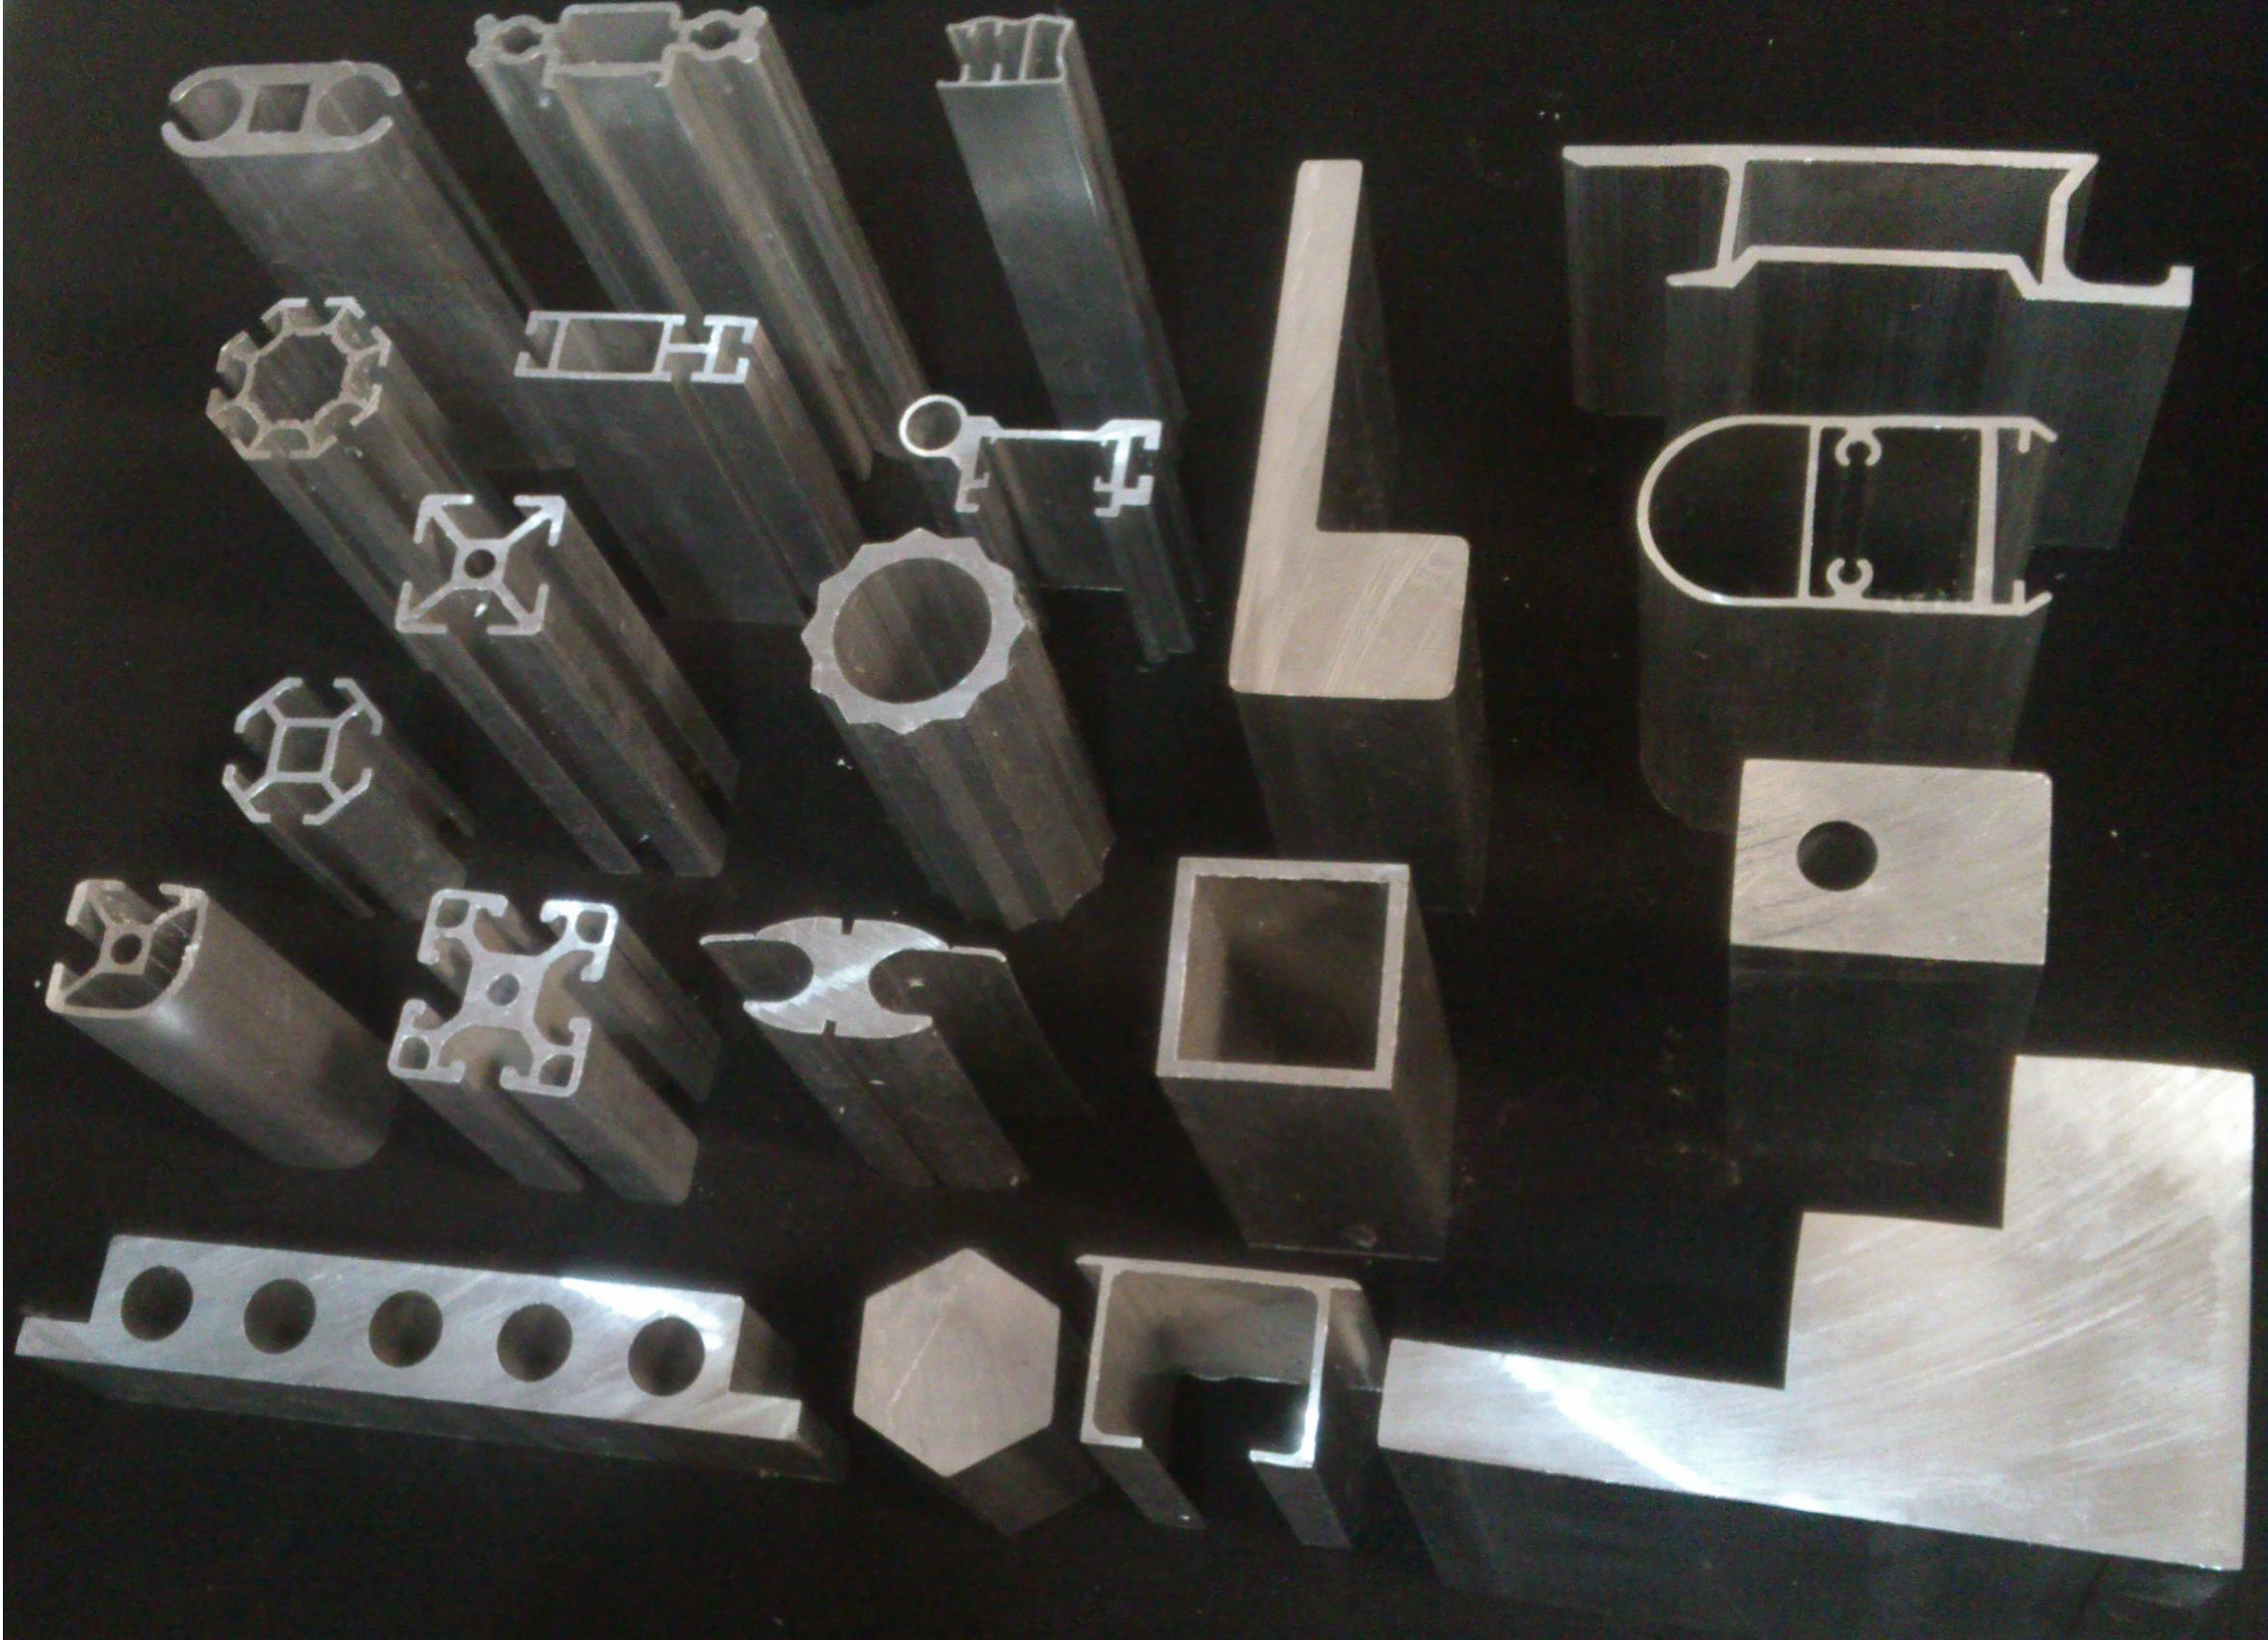 Soleras y ngulos de aluminio de aluminio for Perfiles de aluminio catalogo